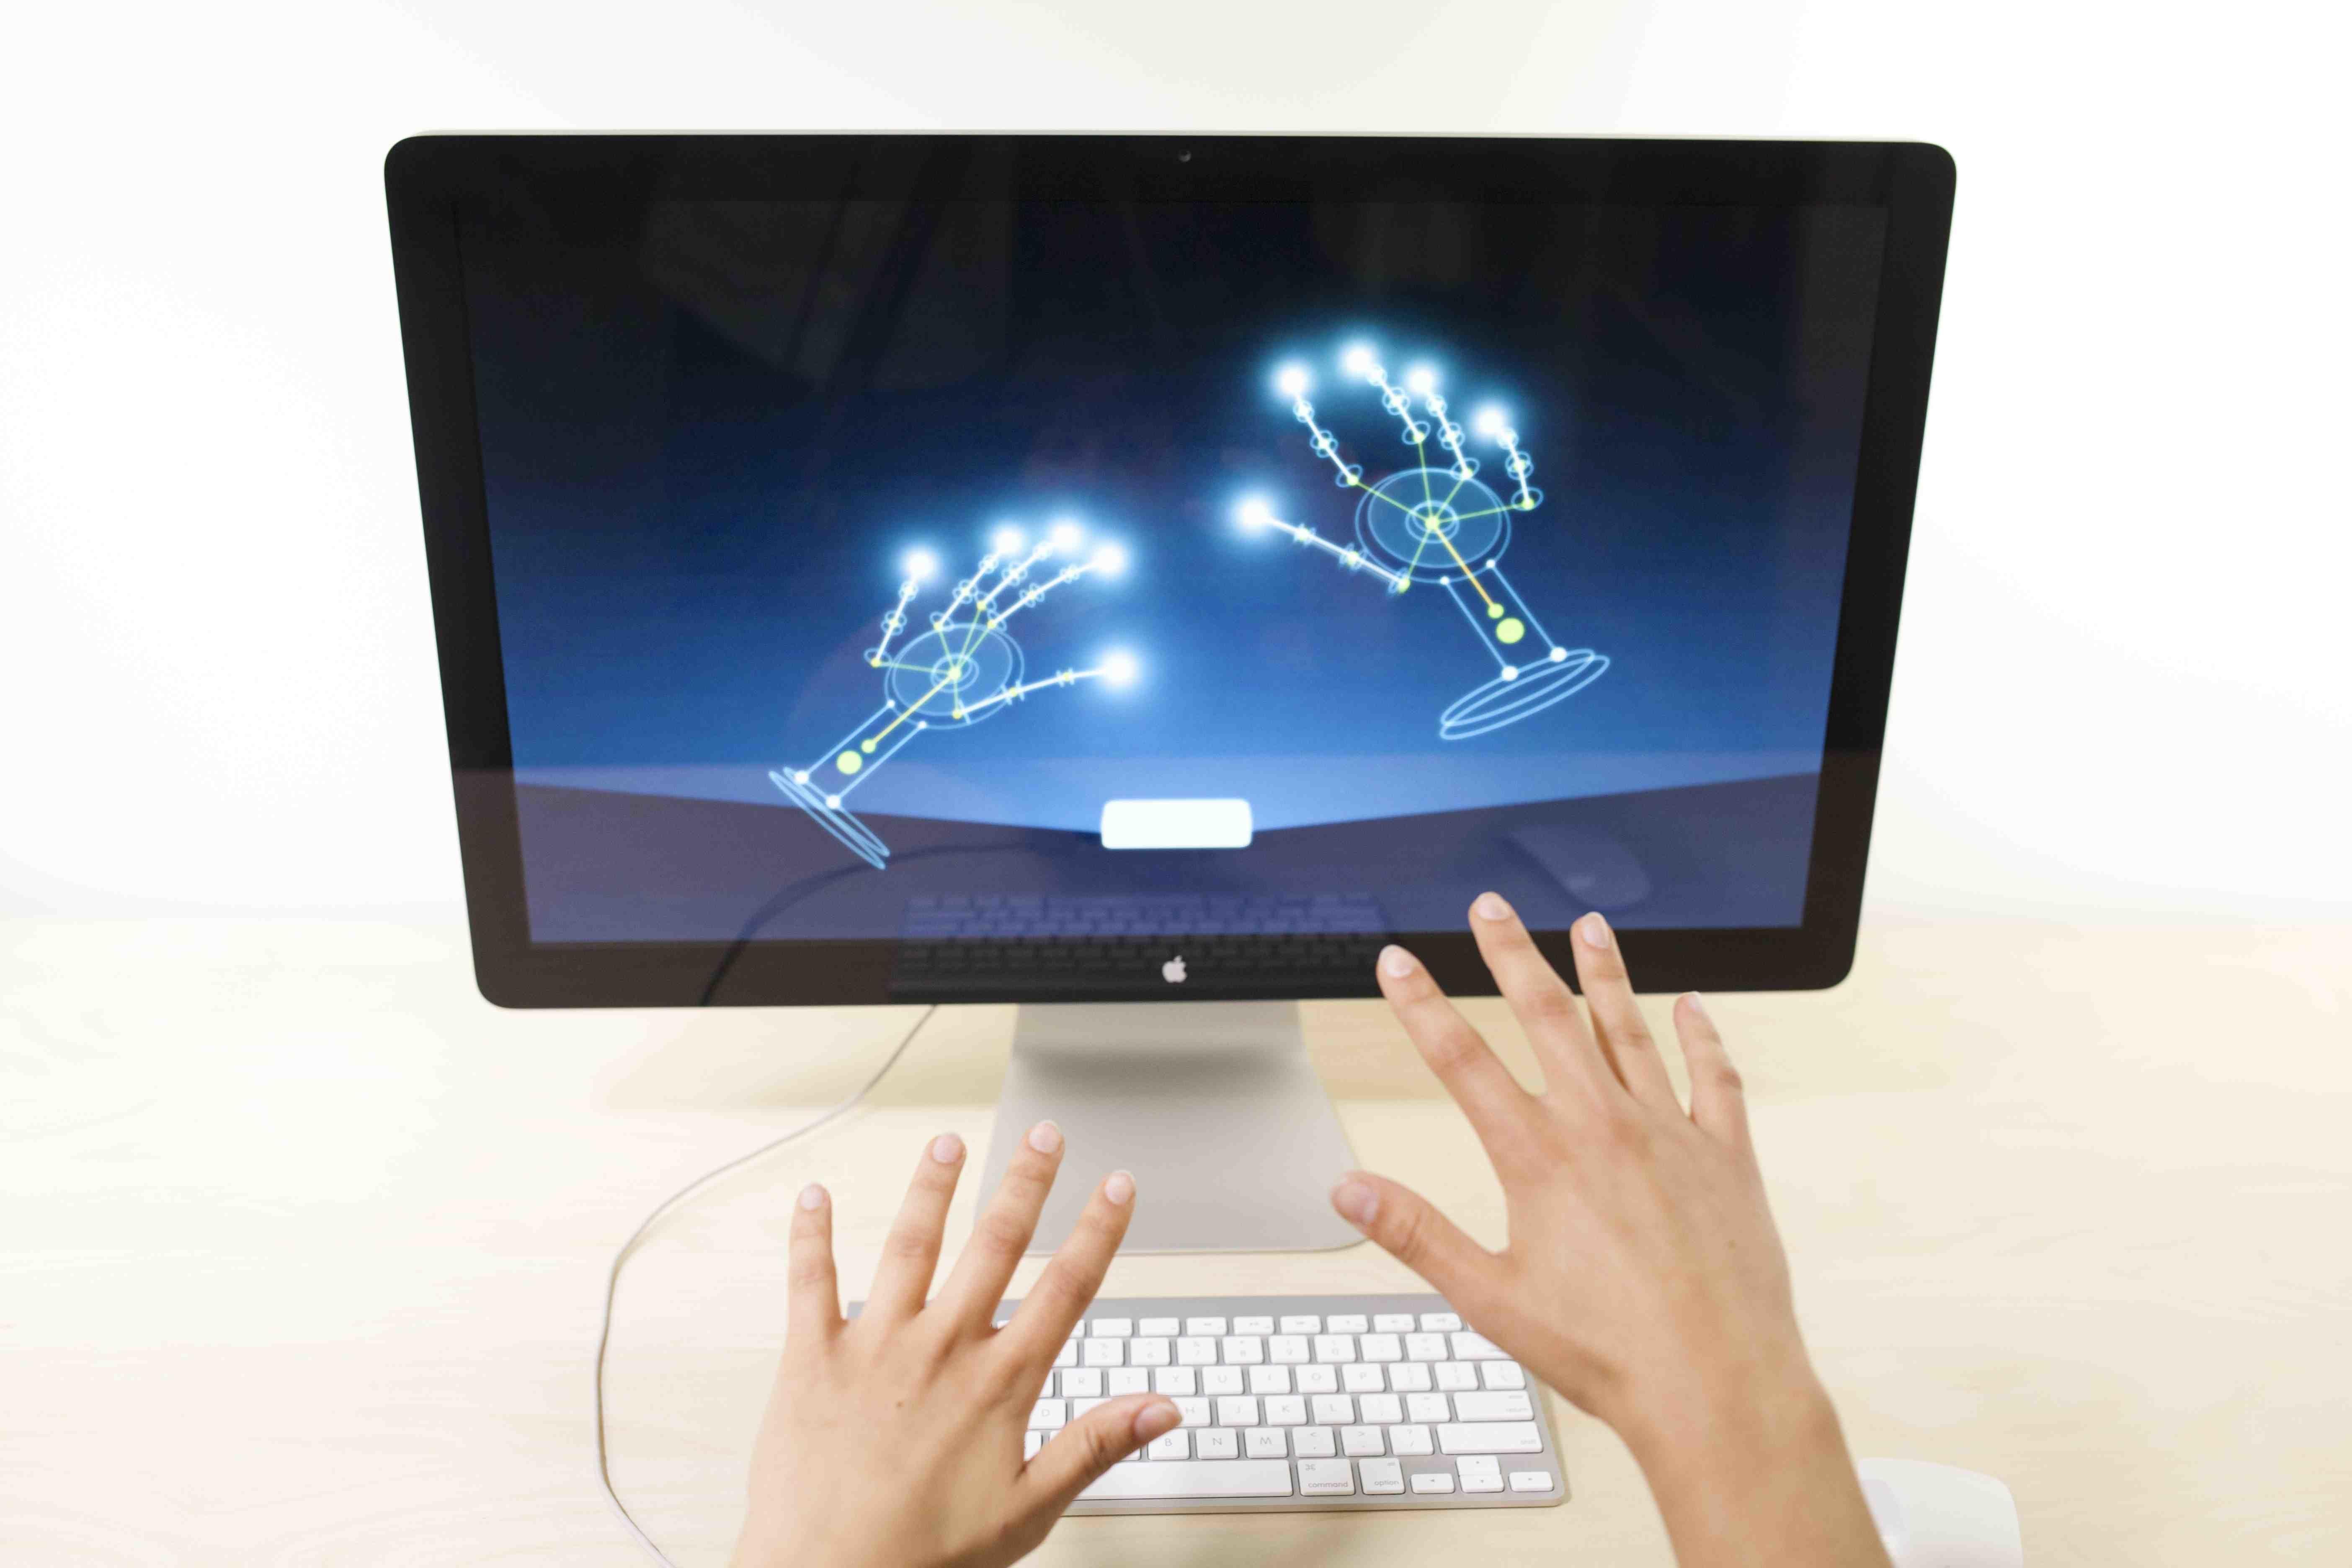 Жесты помогут управлять компьютером